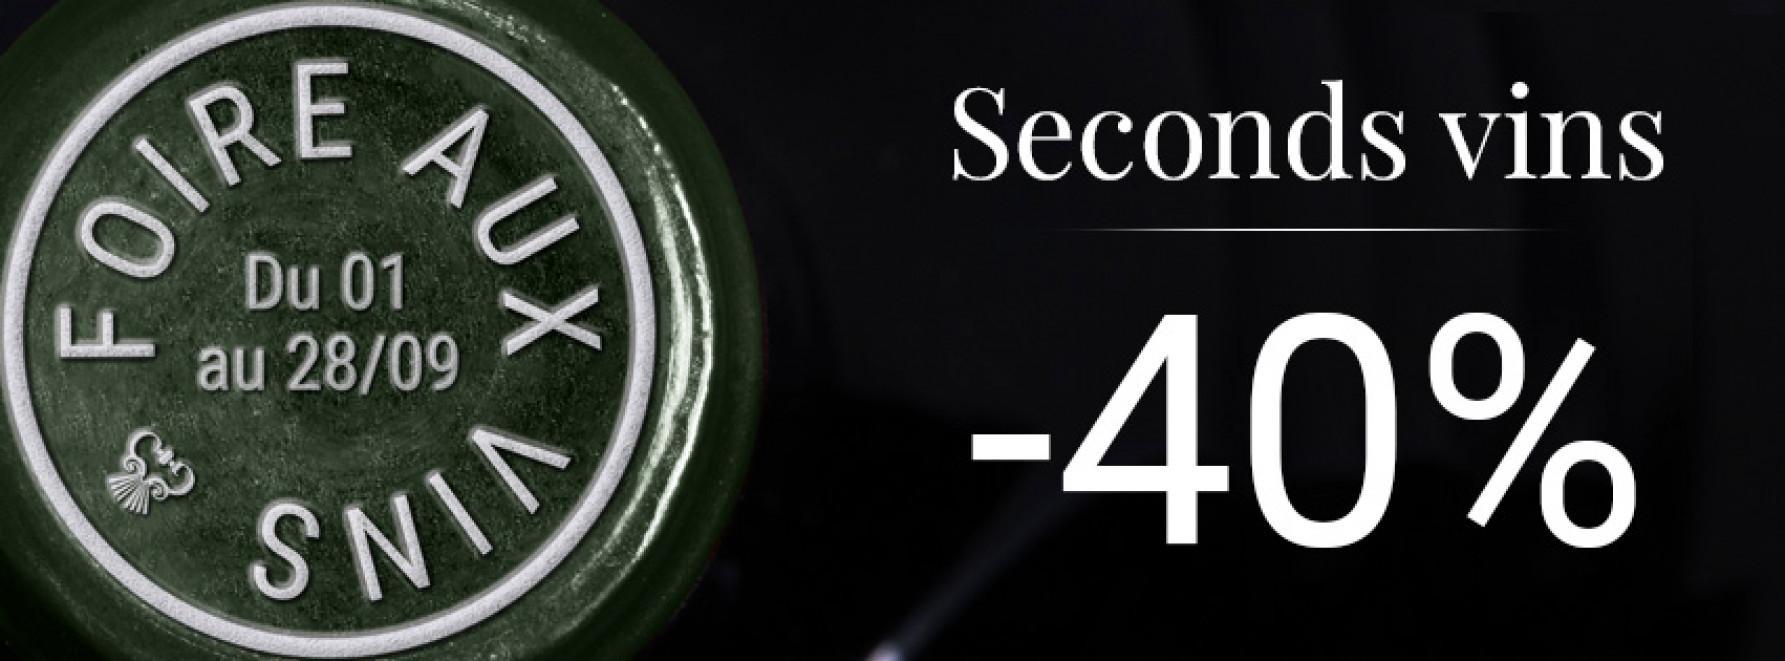 Foire aux Vins | 2nds vins -40%